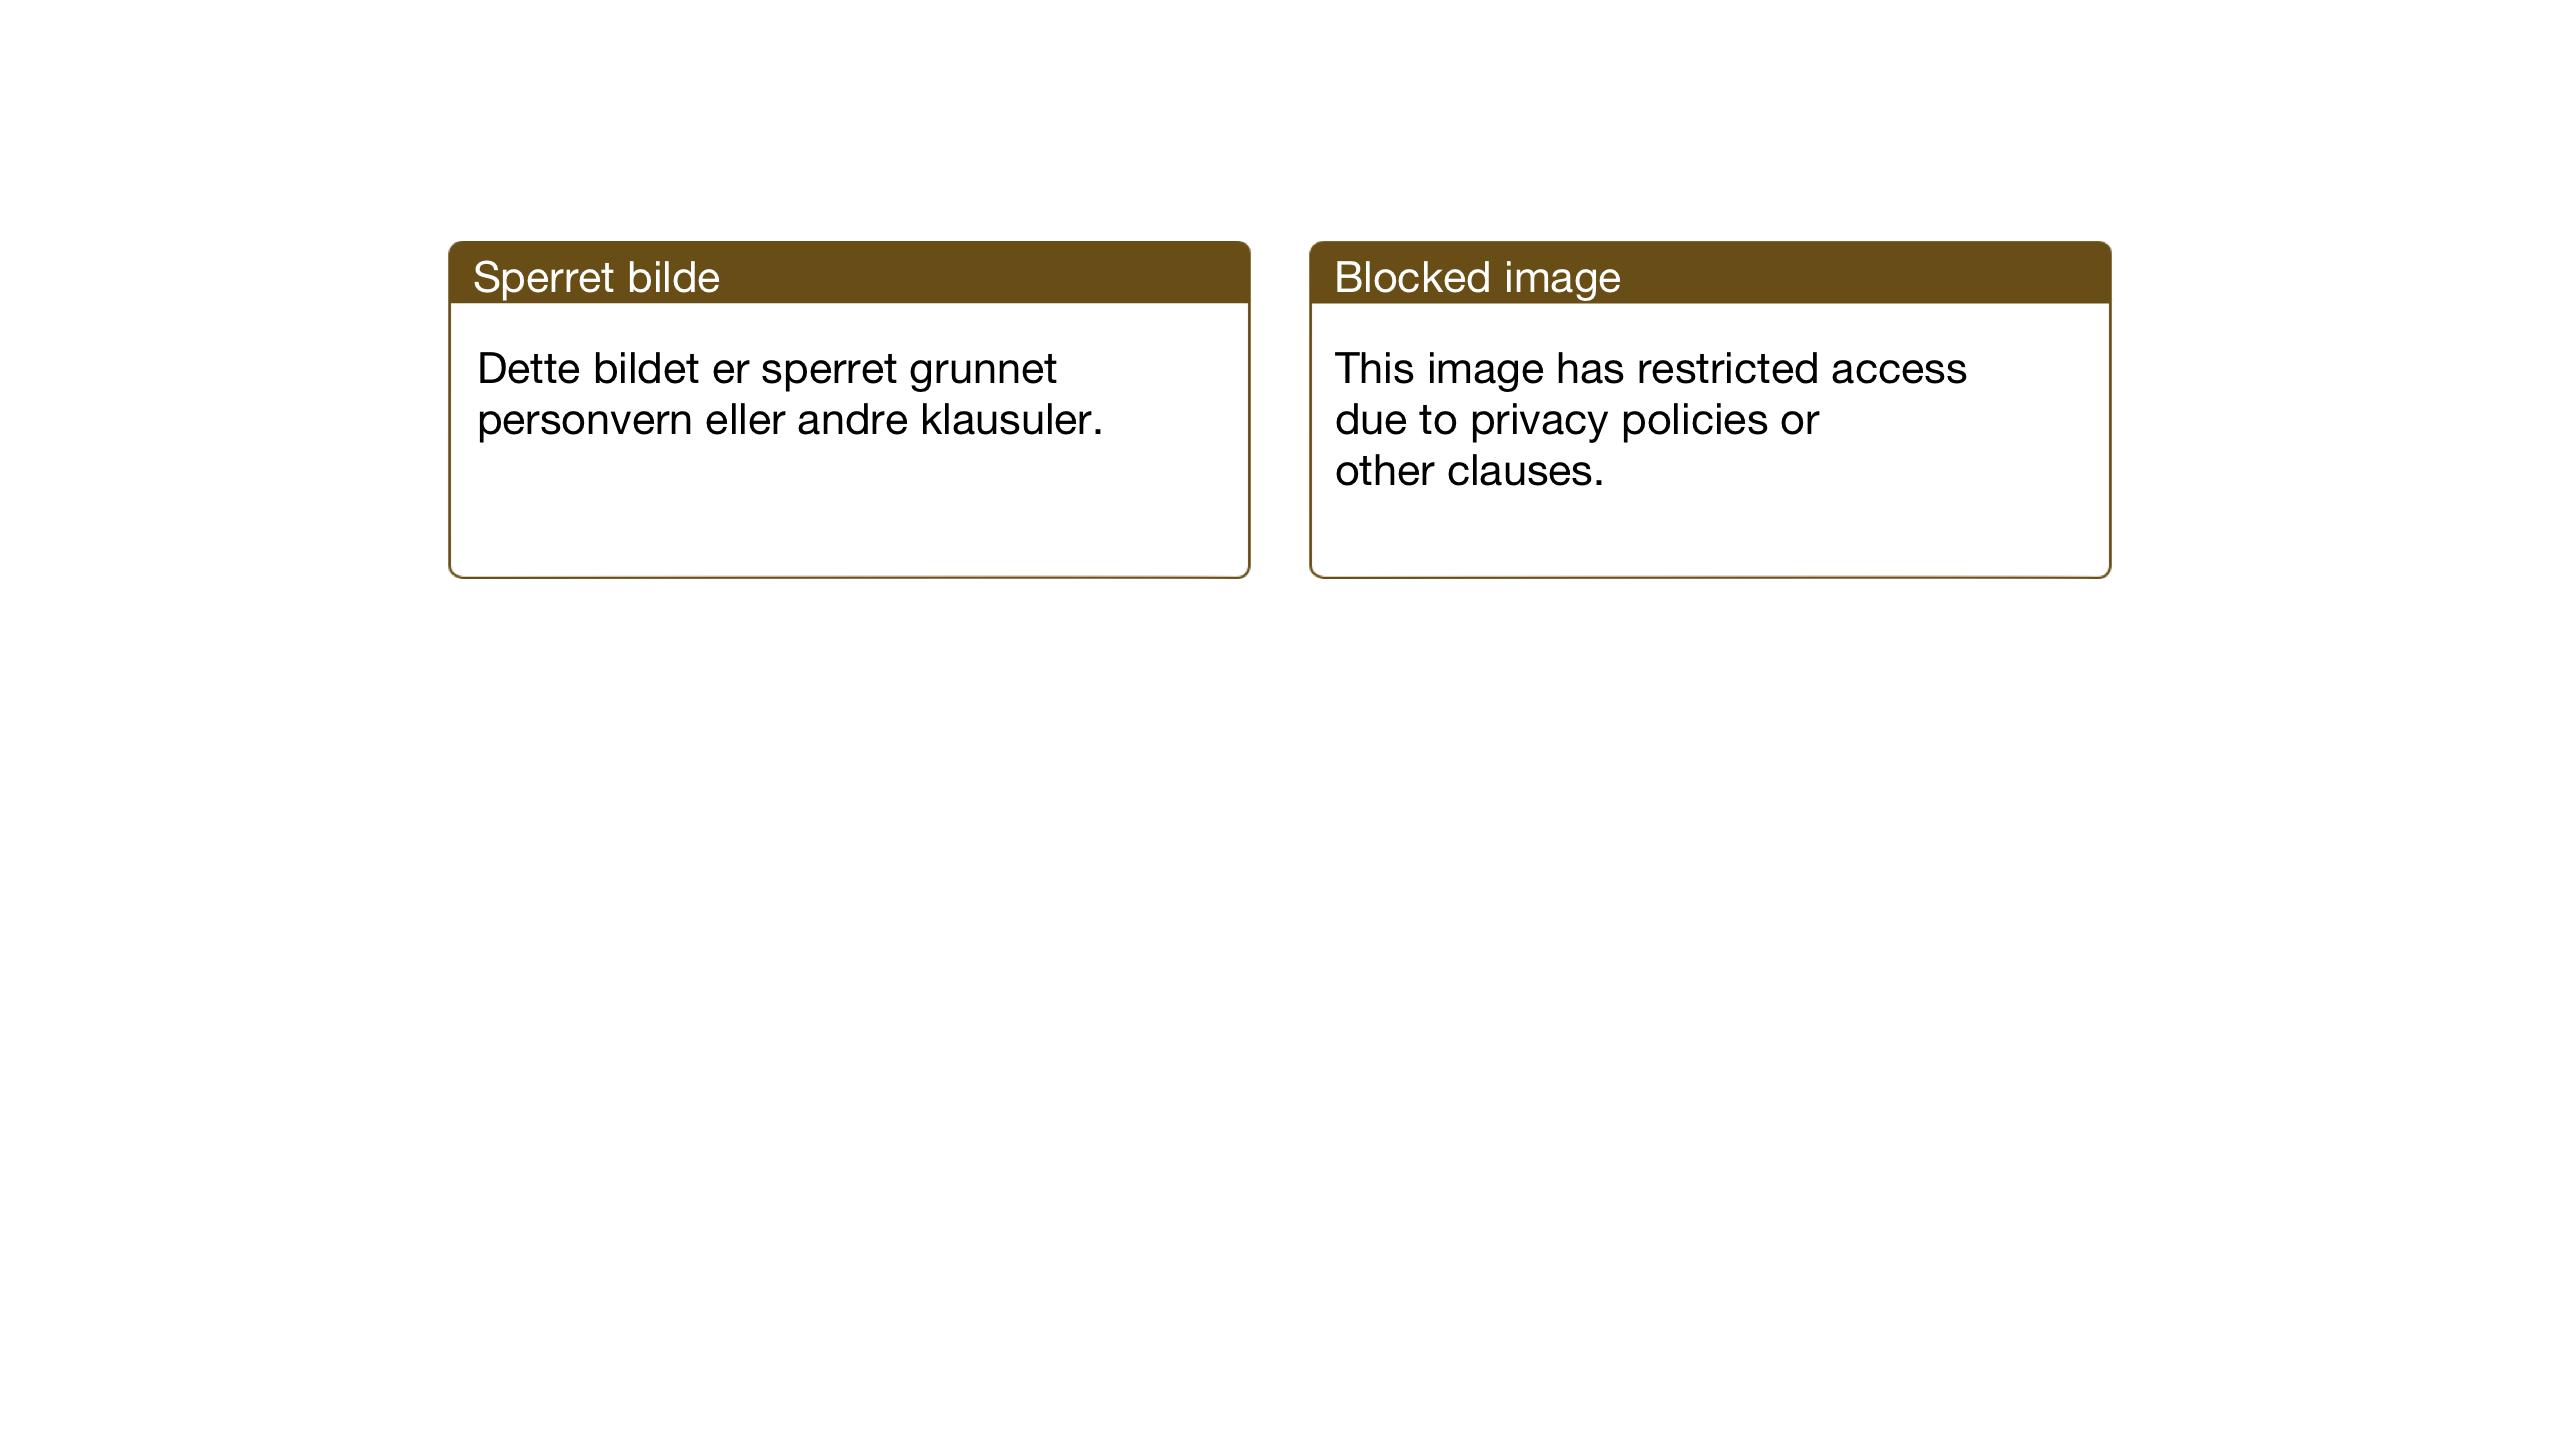 SAT, Ministerialprotokoller, klokkerbøker og fødselsregistre - Nord-Trøndelag, 713/L0125: Klokkerbok nr. 713C02, 1931-1941, s. 54